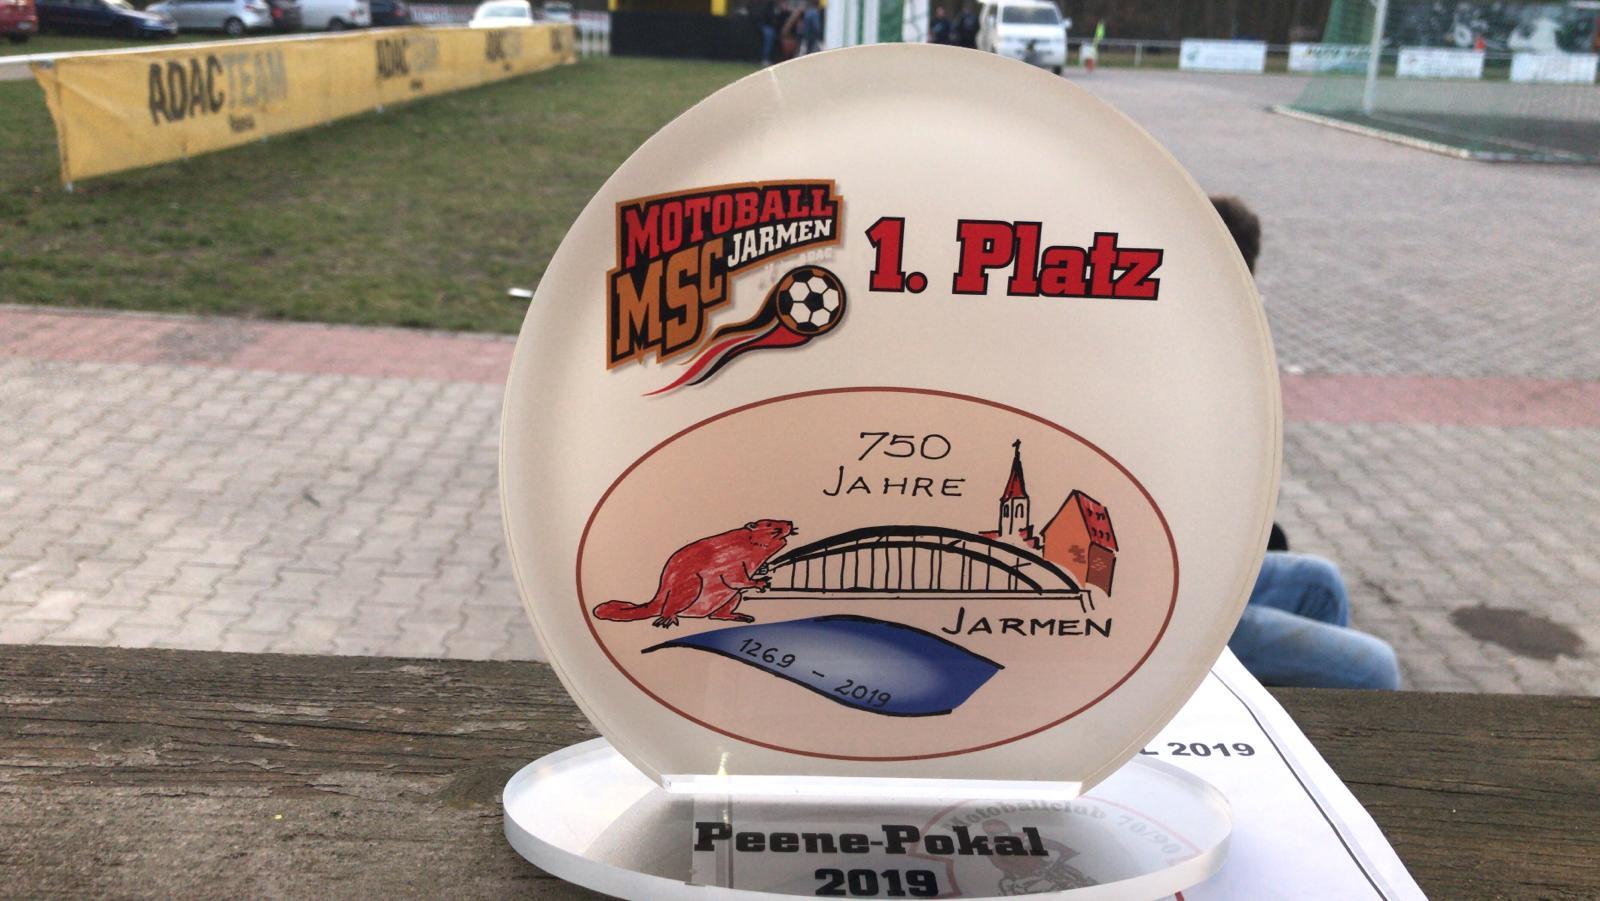 Der Peene-Saale Pokal 2019 geht an die Saale